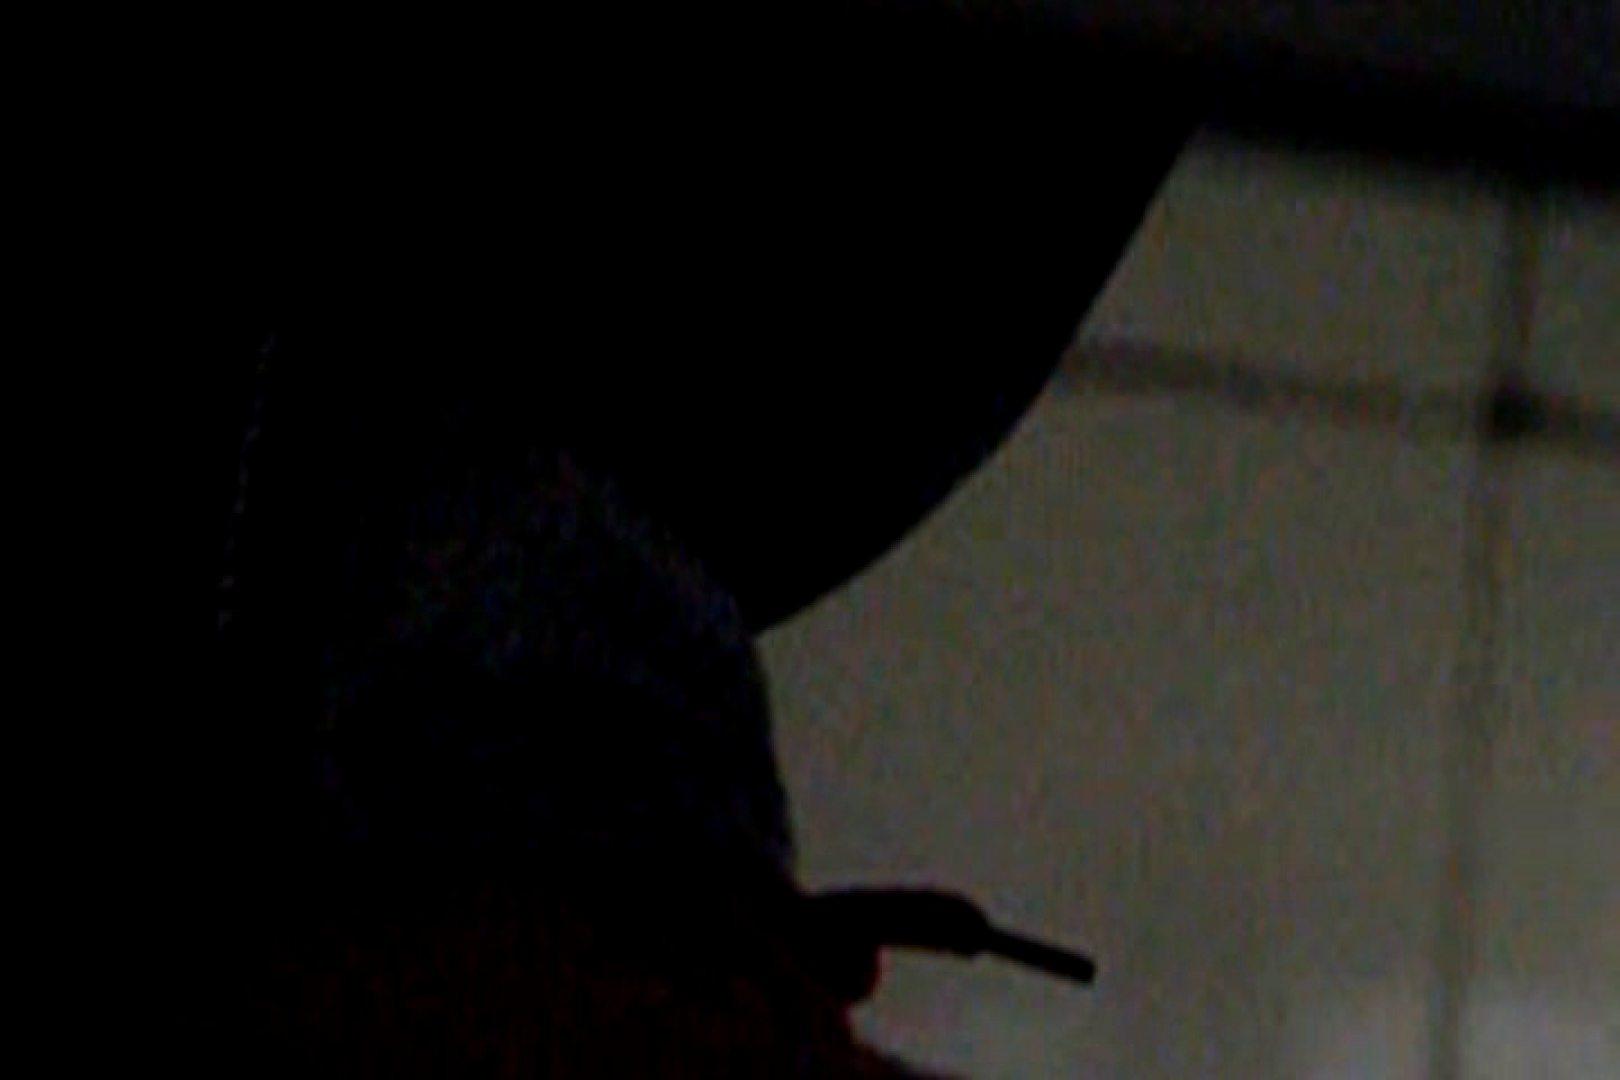 ぼっとん洗面所スペシャルVol.5 OLの実態 盗み撮り動画キャプチャ 103pic 54